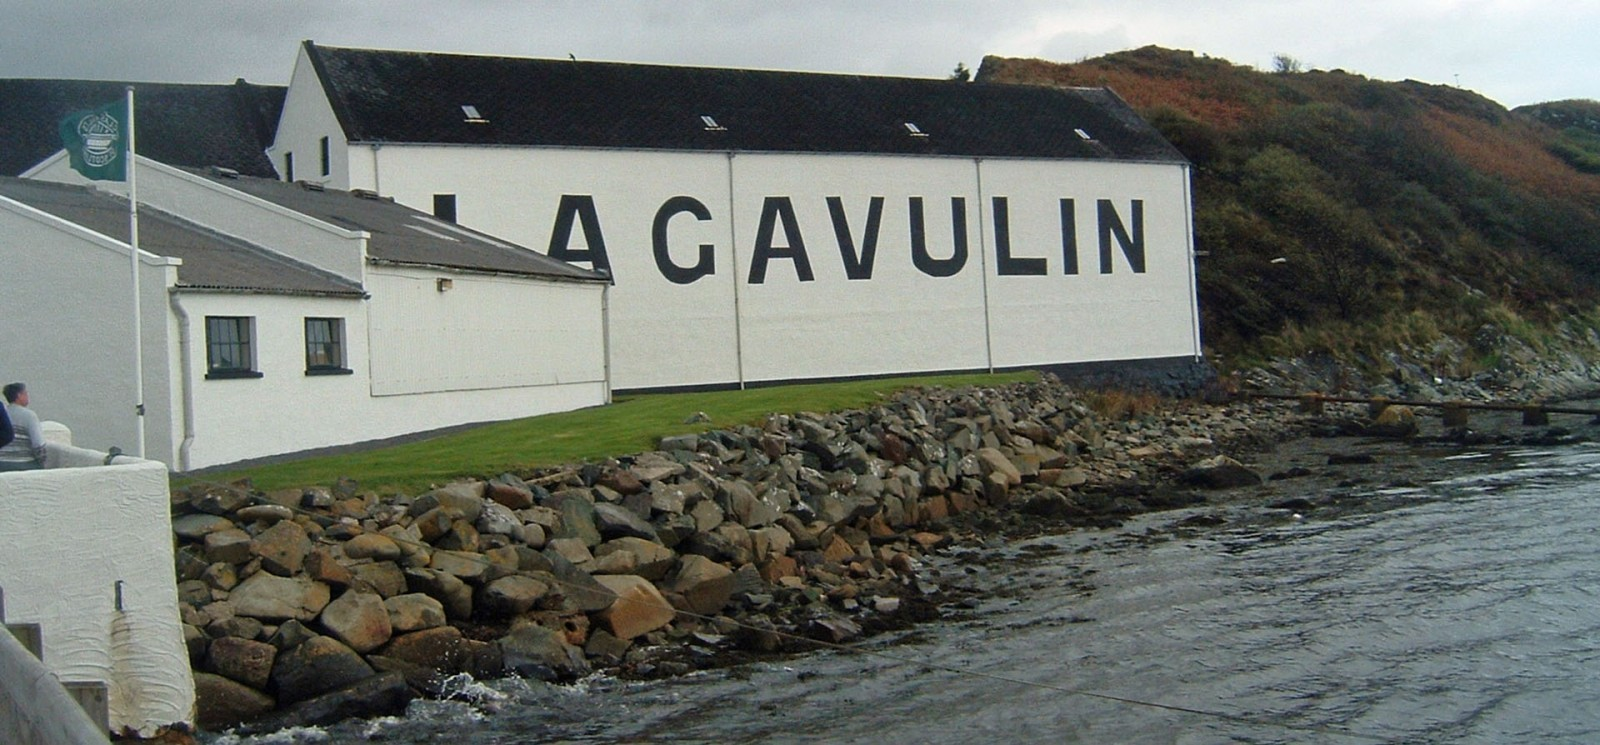 Lagvulin Lagerhaus am Meer